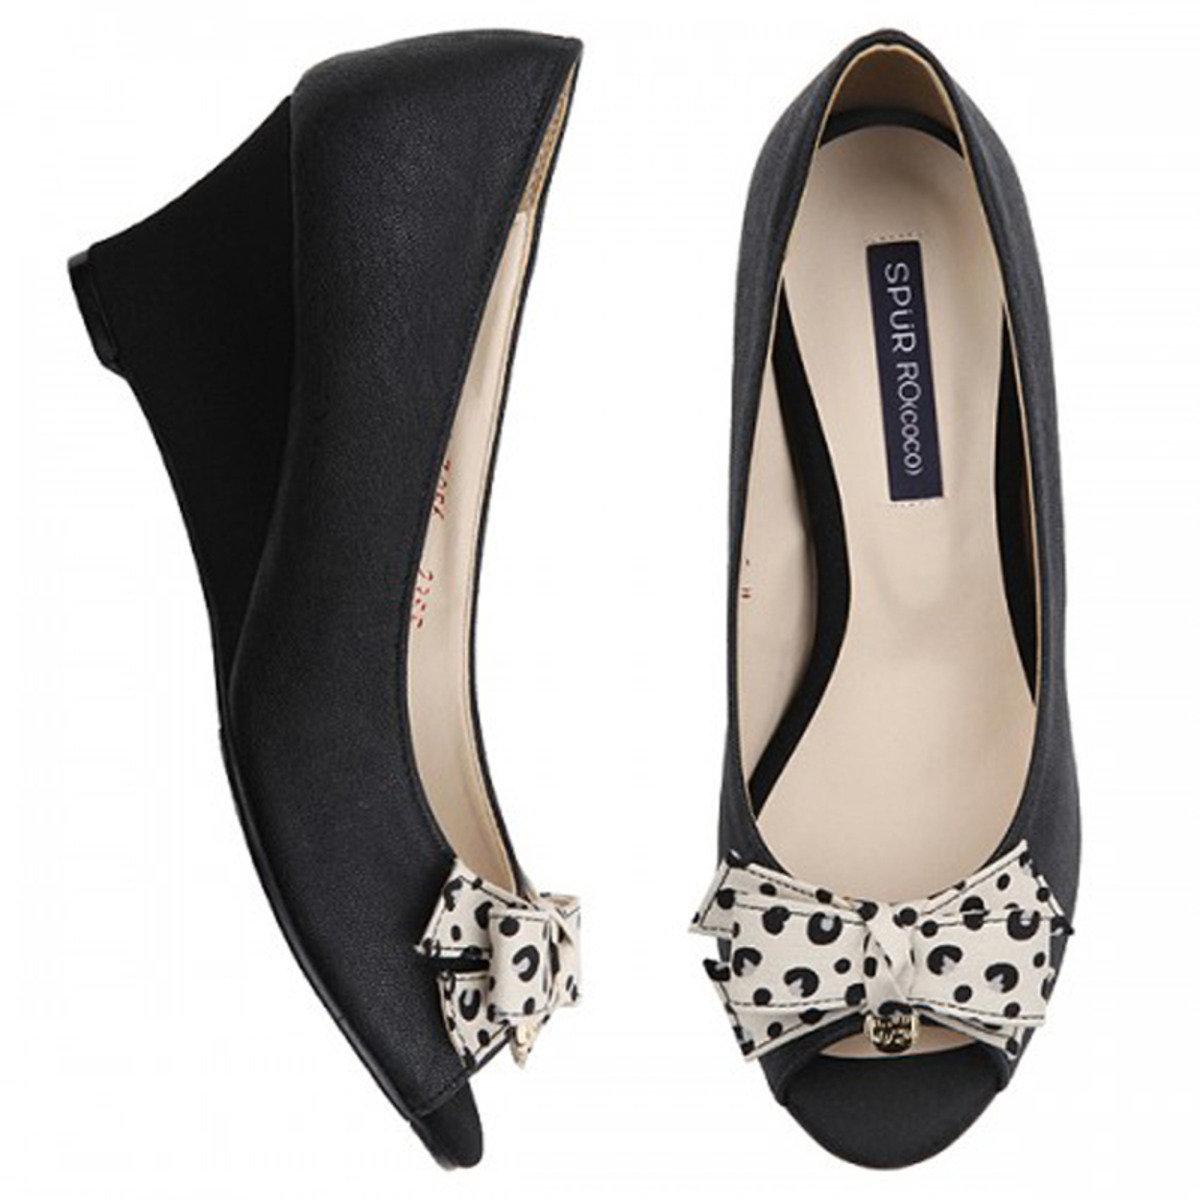 豹紋露趾高跟鞋